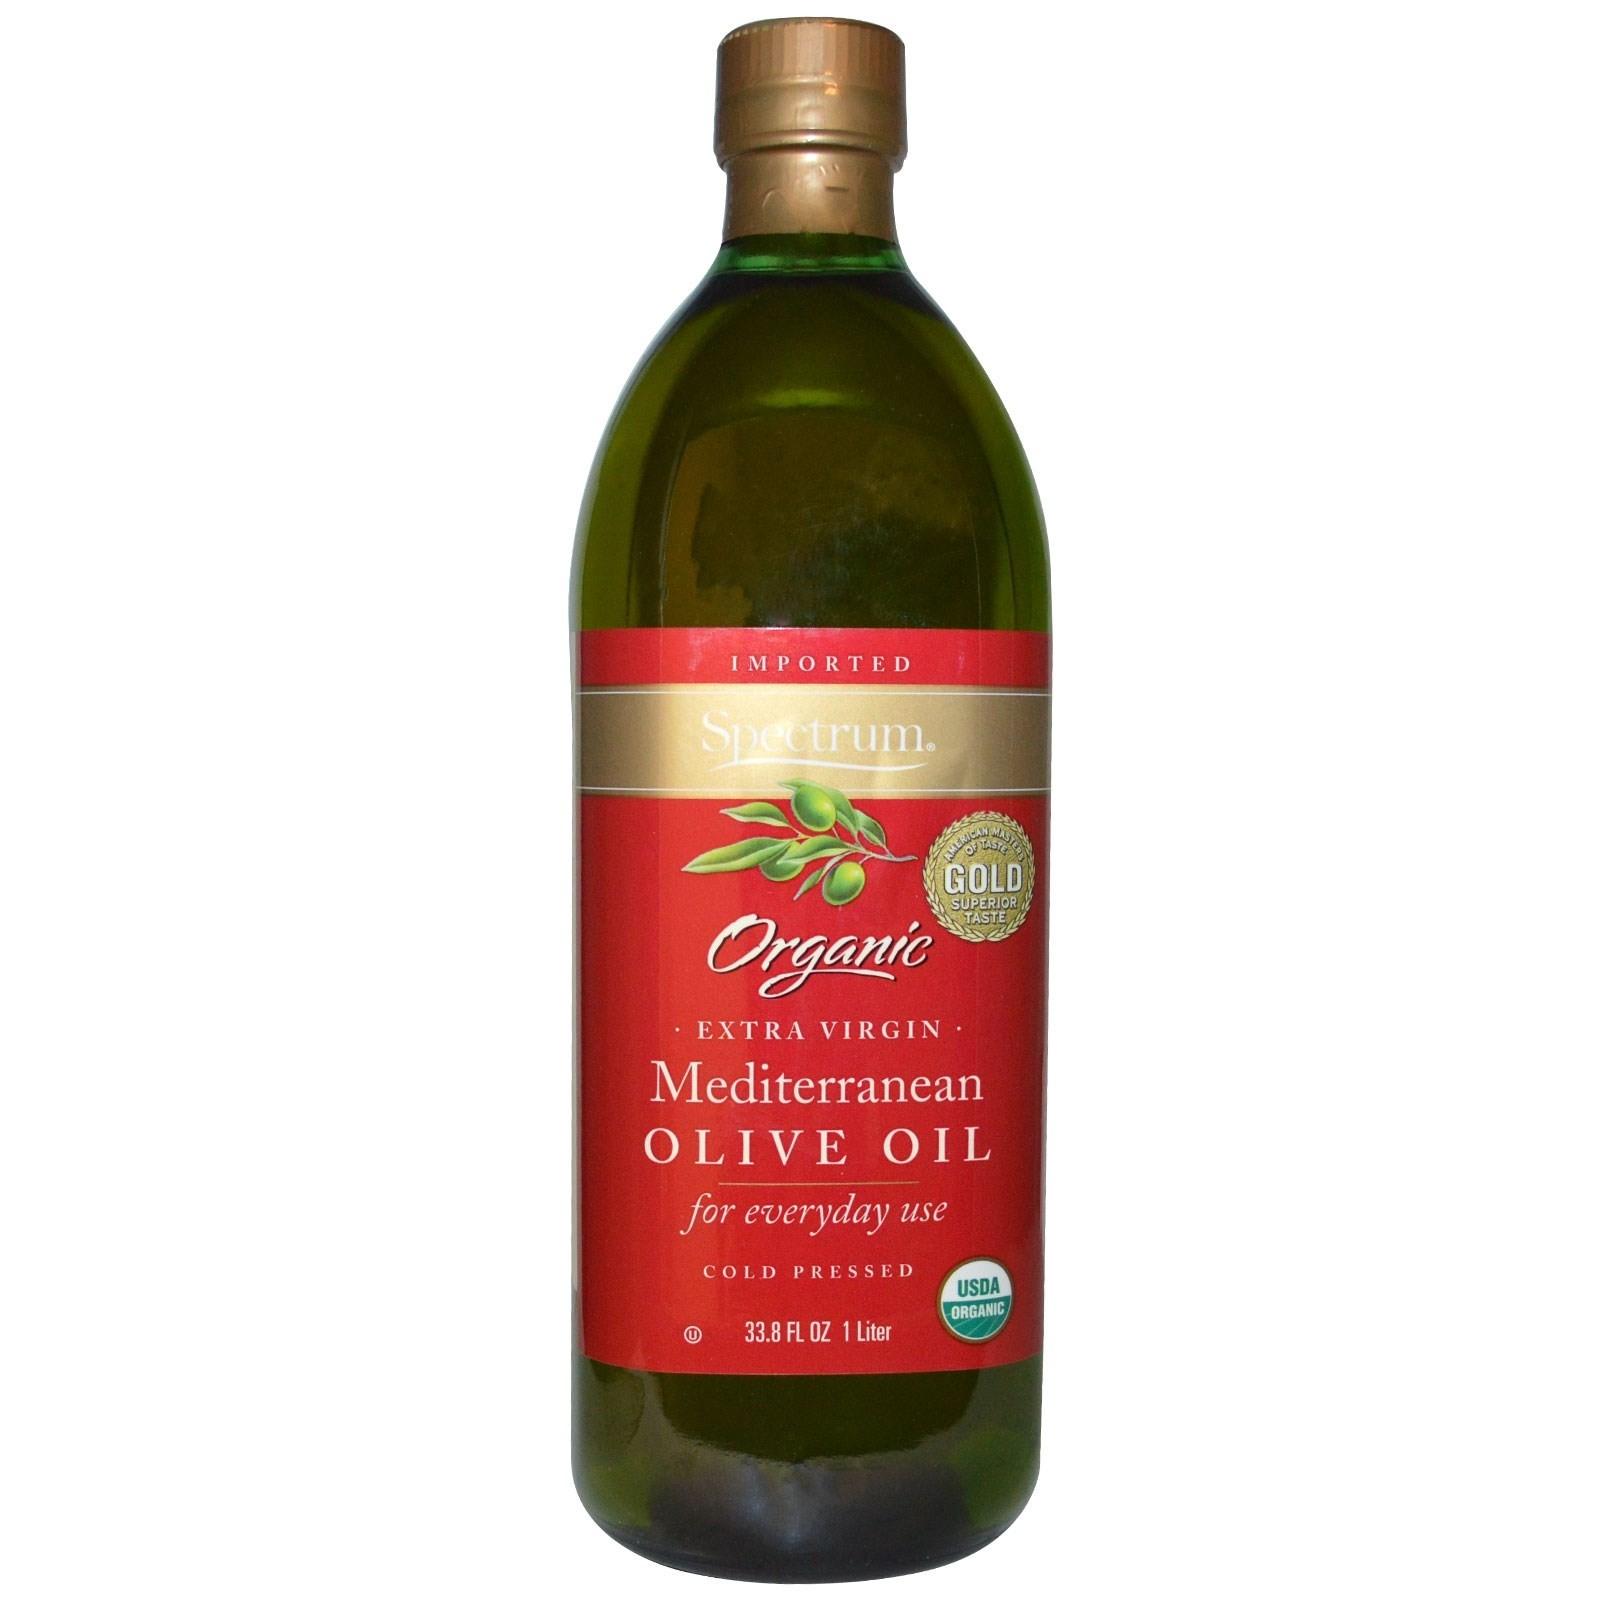 Spectrum Naturals Organic Extra Gluten Free Virgin Olive Oil, Mediteranean, 33.8 Oz